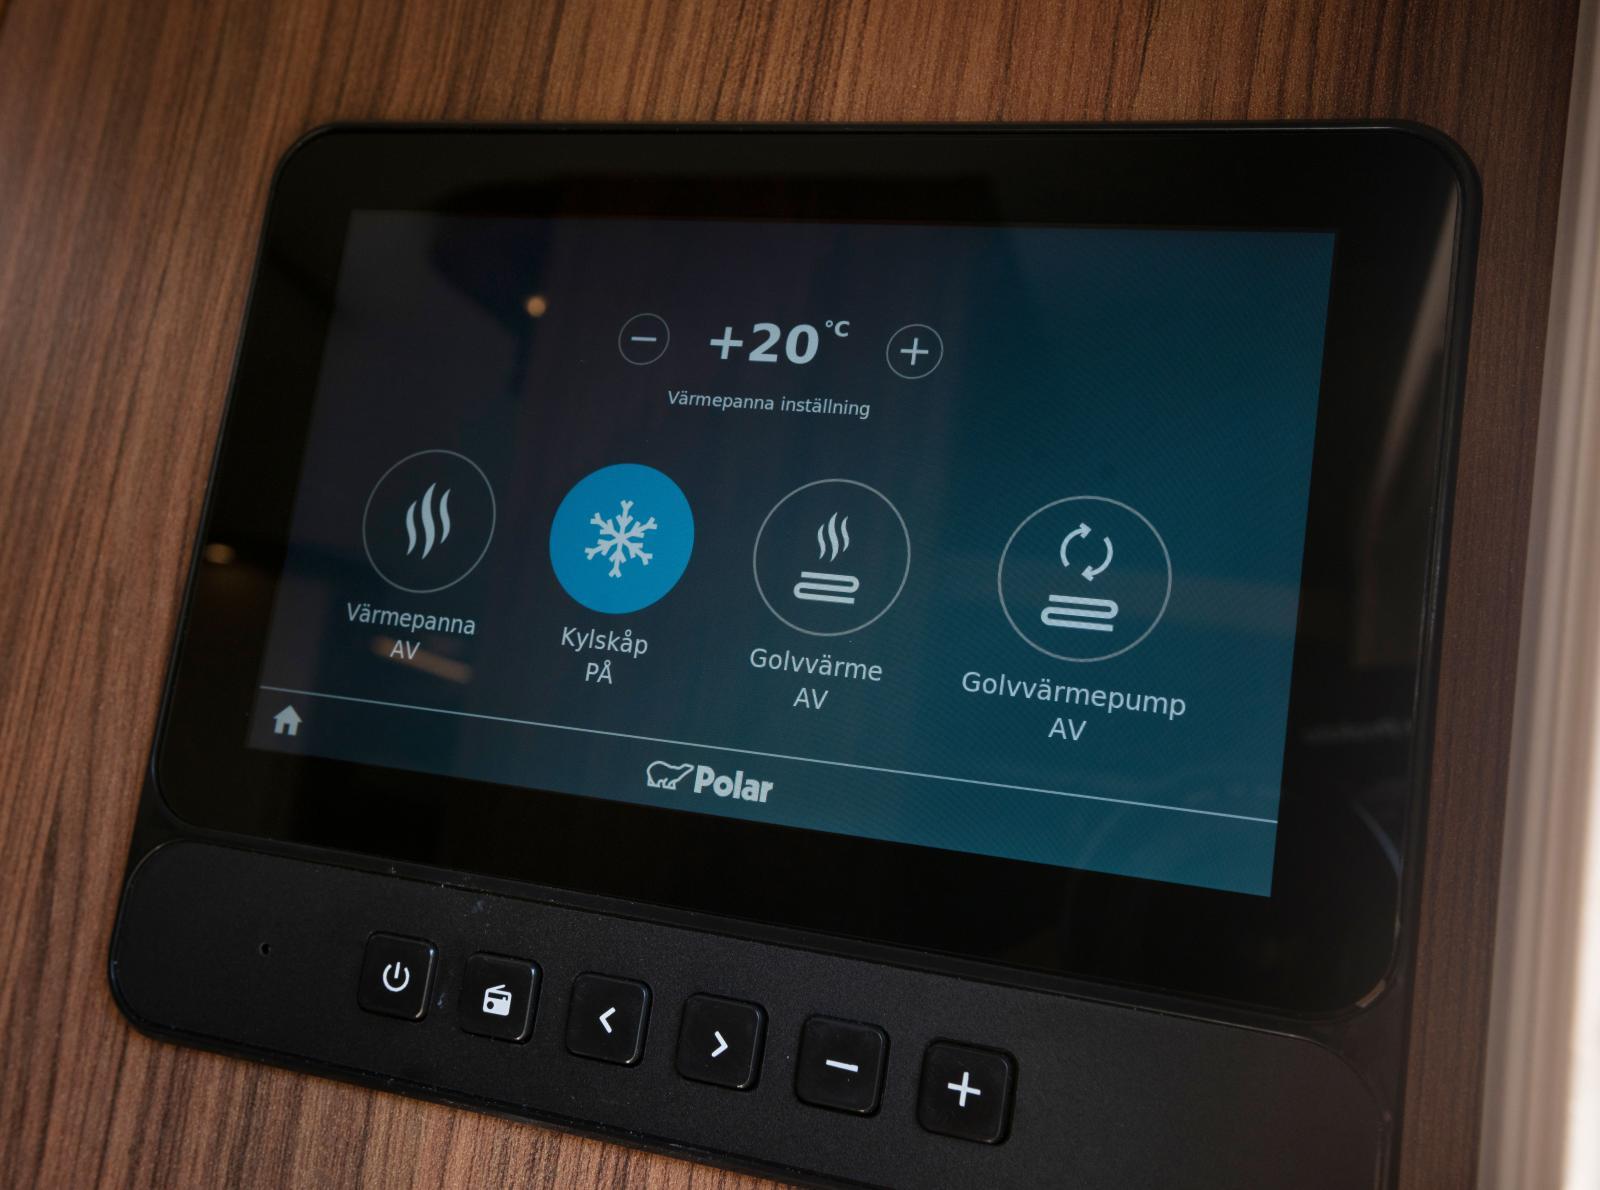 Hi-Tec. Manövercentralen tar via Wi-Fi emot uppdateringar och funktionskontroller. Precis som Teslan.